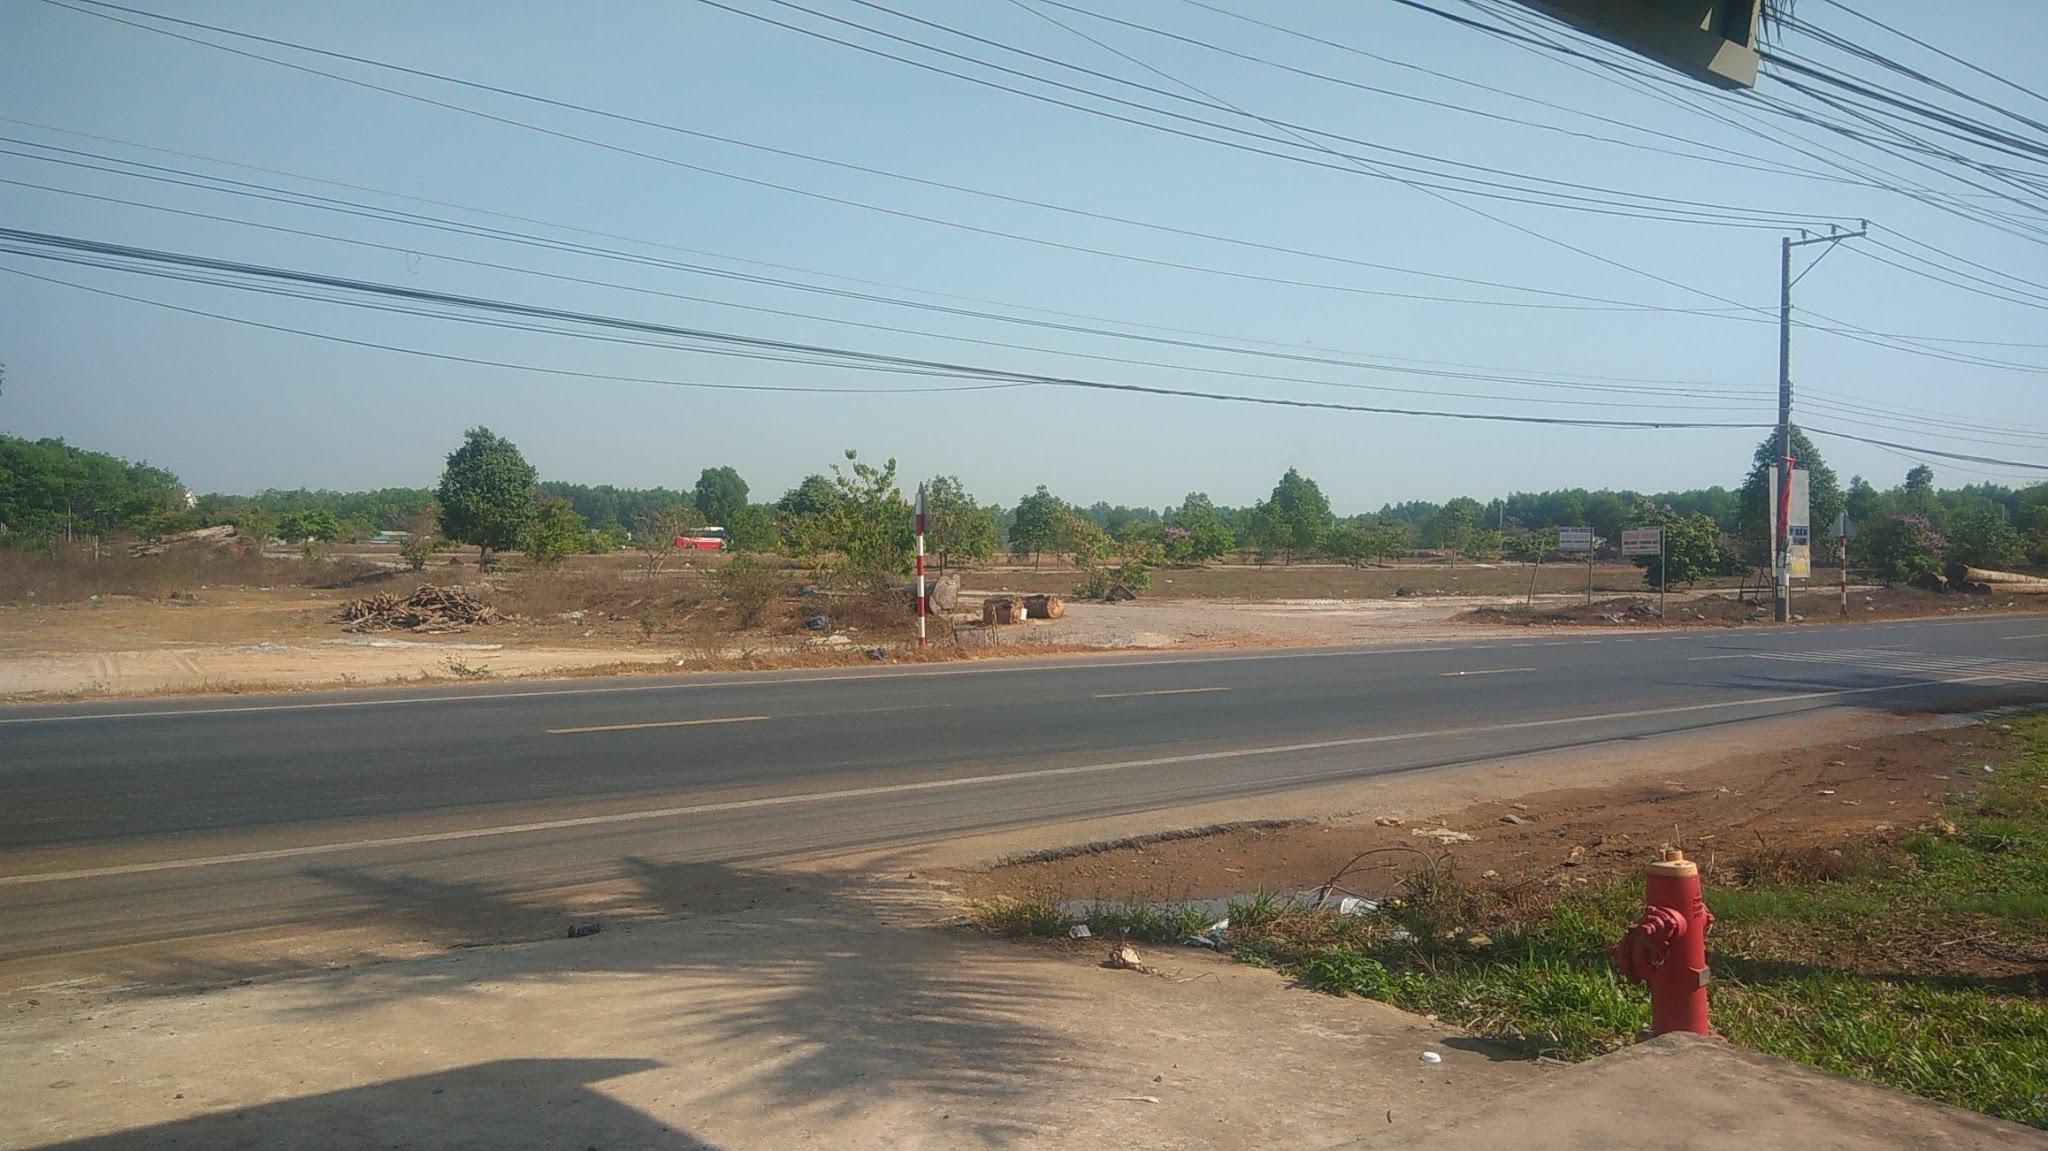 Bán đất Long Thành mặt tiền đường tỉnh lộ DT769